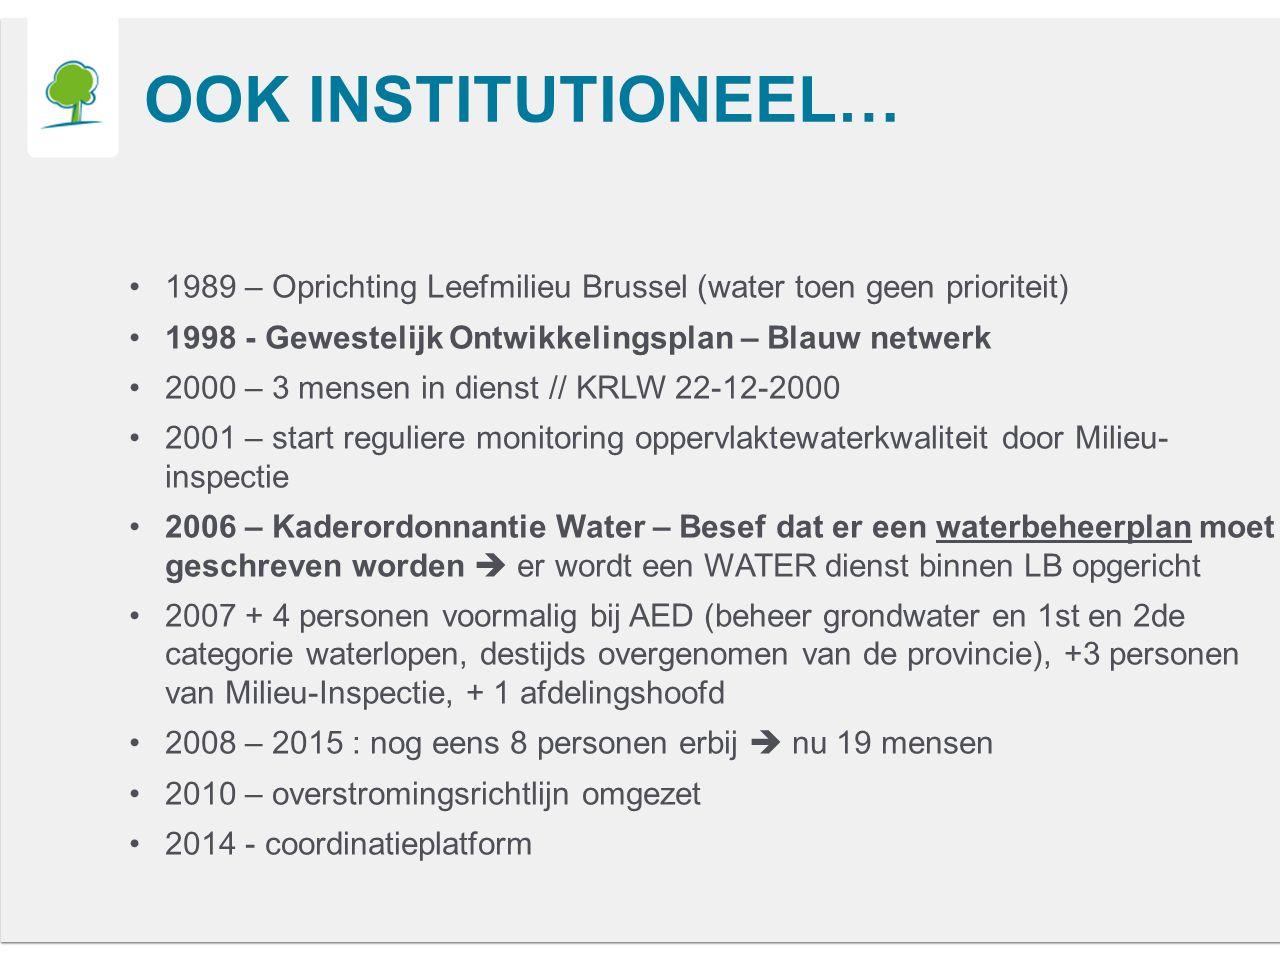 OOK INSTITUTIONEEL… 1989 – Oprichting Leefmilieu Brussel (water toen geen prioriteit) 1998 - Gewestelijk Ontwikkelingsplan – Blauw netwerk 2000 – 3 mensen in dienst // KRLW 22-12-2000 2001 – start reguliere monitoring oppervlaktewaterkwaliteit door Milieu- inspectie 2006 – Kaderordonnantie Water – Besef dat er een waterbeheerplan moet geschreven worden  er wordt een WATER dienst binnen LB opgericht 2007 + 4 personen voormalig bij AED (beheer grondwater en 1st en 2de categorie waterlopen, destijds overgenomen van de provincie), +3 personen van Milieu-Inspectie, + 1 afdelingshoofd 2008 – 2015 : nog eens 8 personen erbij  nu 19 mensen 2010 – overstromingsrichtlijn omgezet 2014 - coordinatieplatform